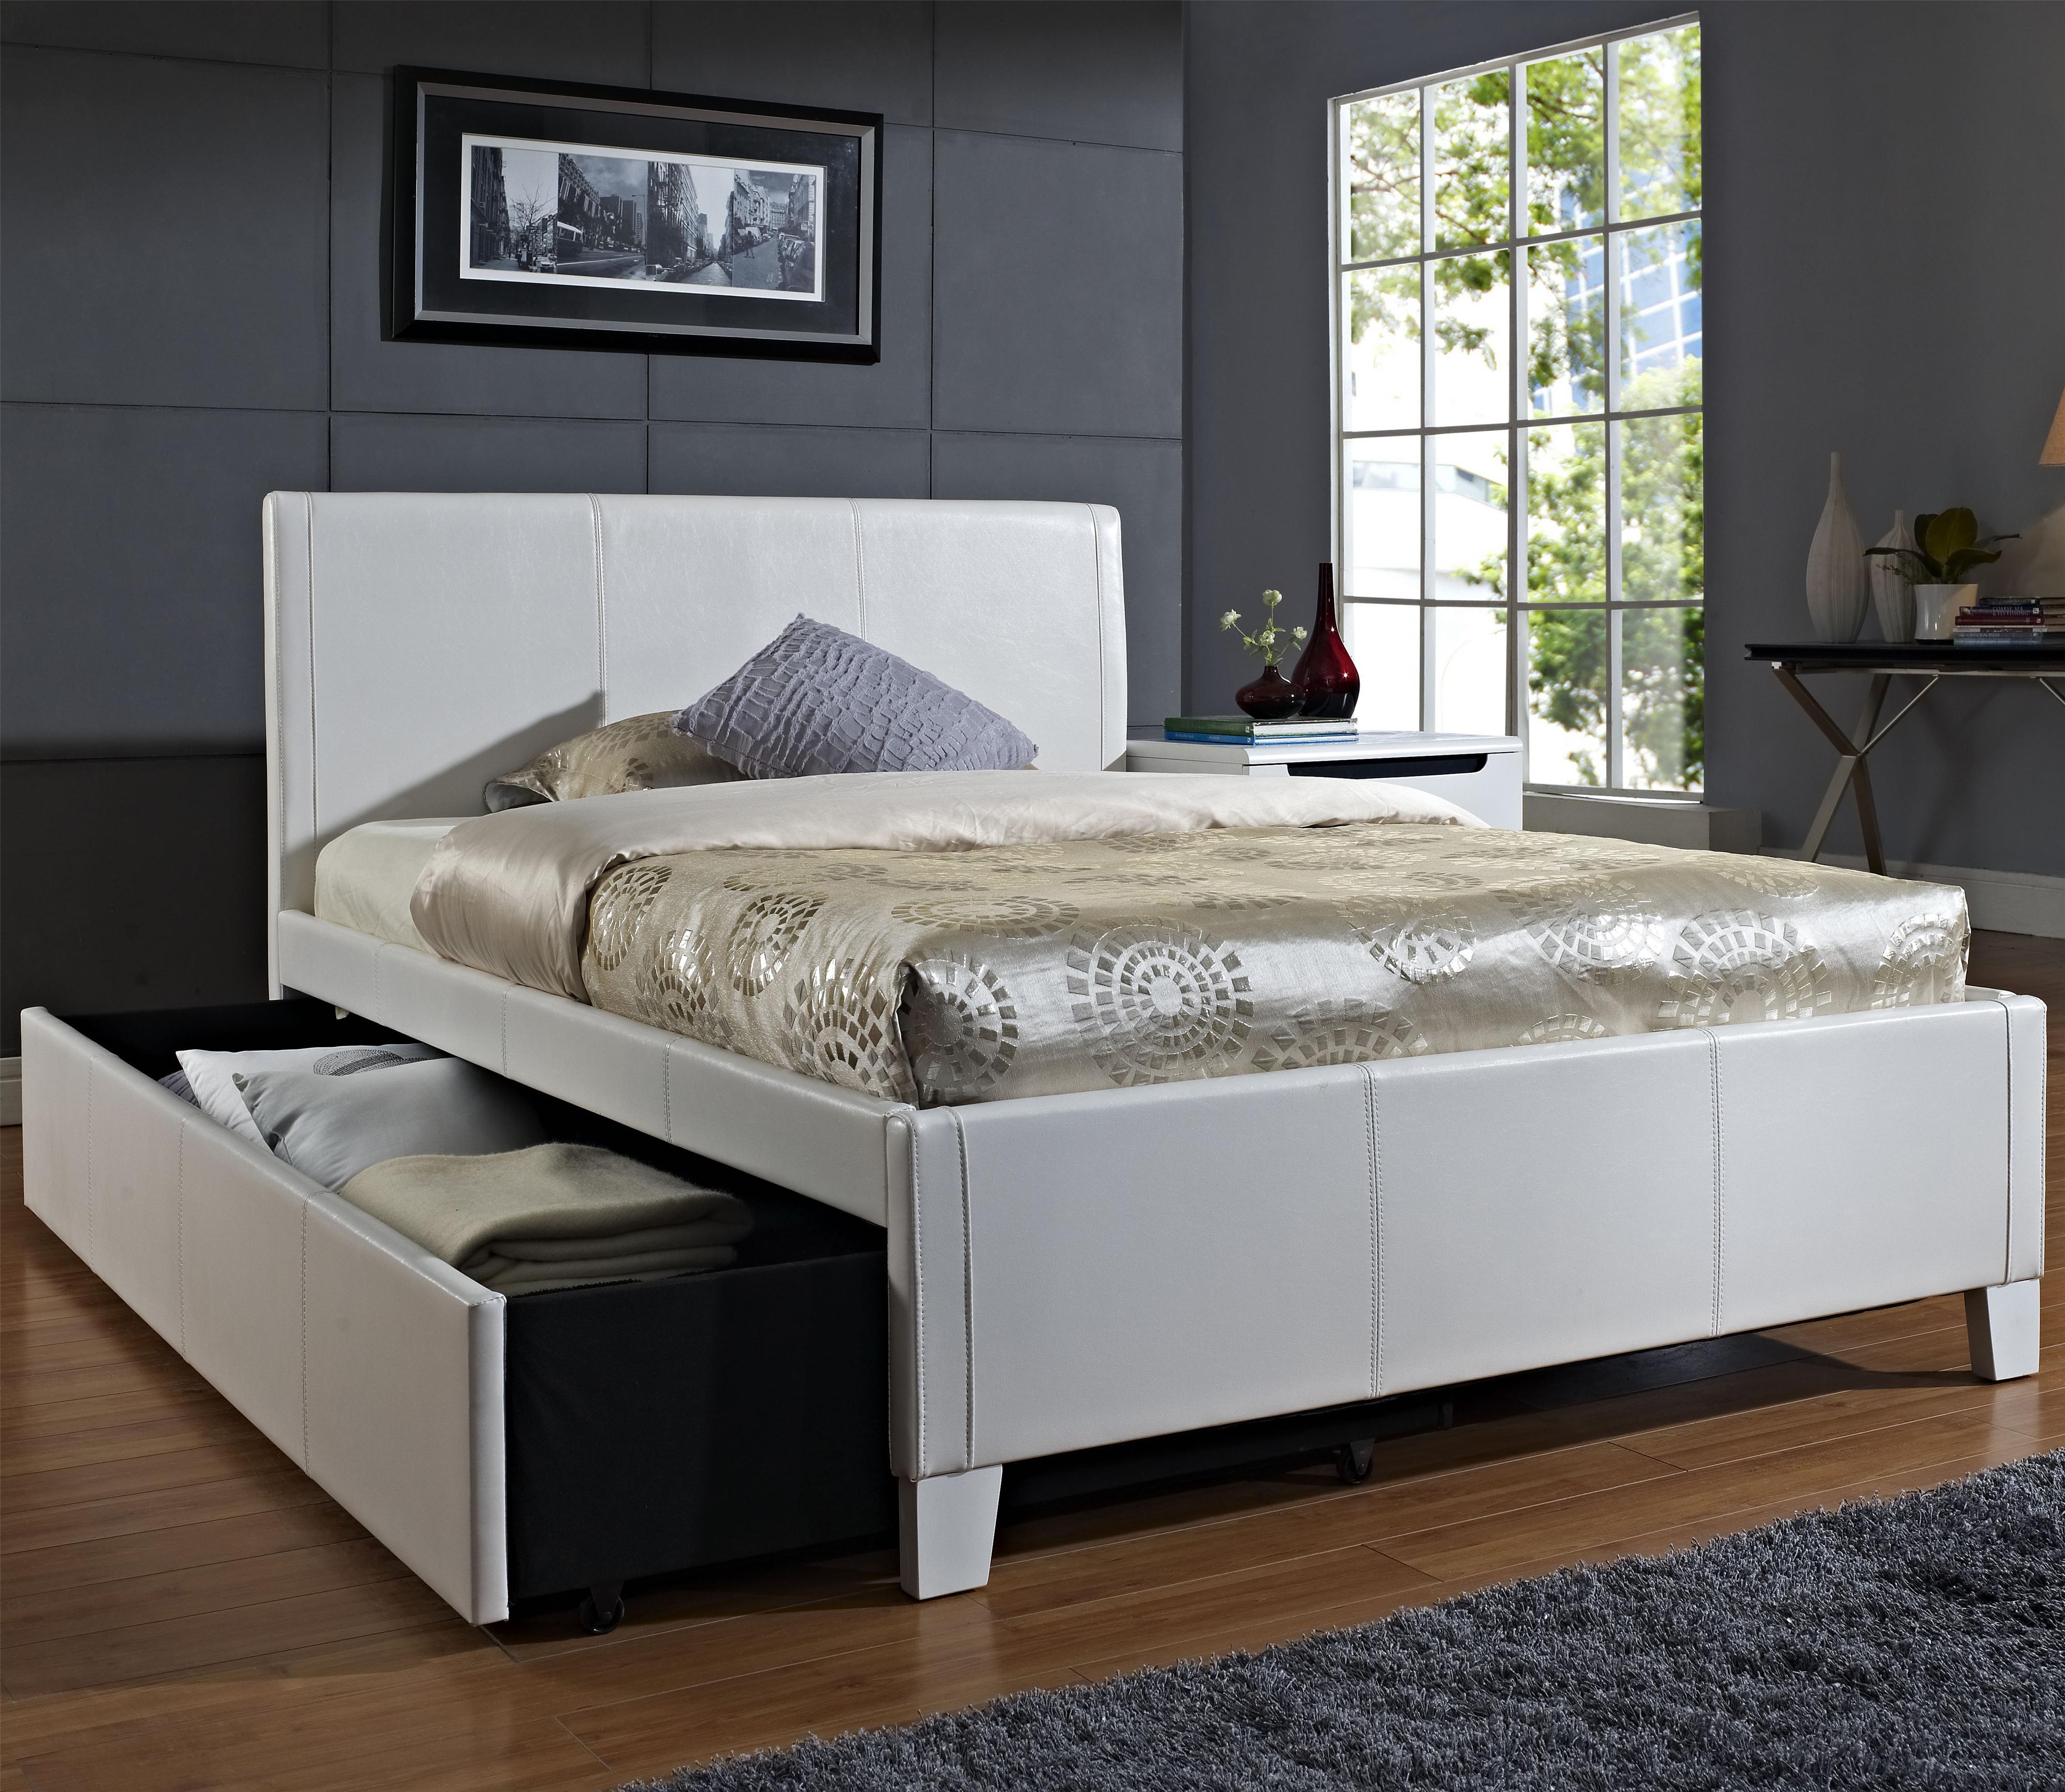 Standard Furniture Fantasia Full Upholstered Trundle Bed - Item Number: 60794+95